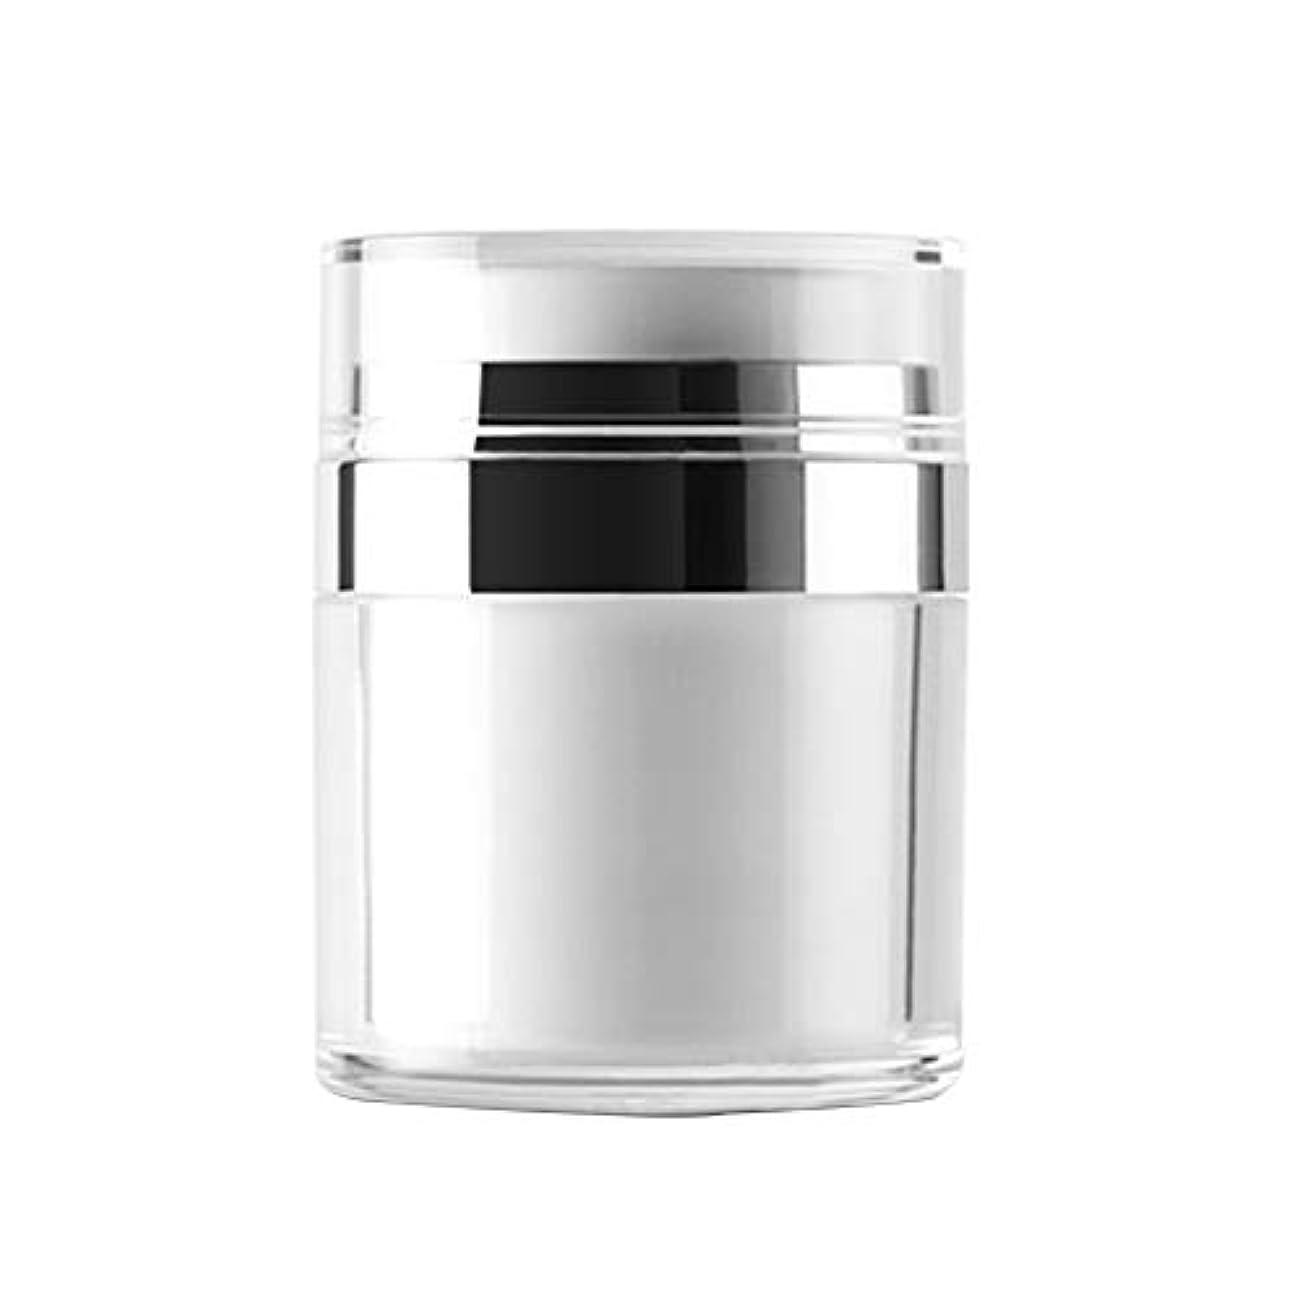 メディックバンドルプライバシーVi.yo 小分け容器 トラベルボトル 真空押し式詰替用ボトル 携帯用 旅行 出張用 クリーム 軟膏 乳液など入り 30g